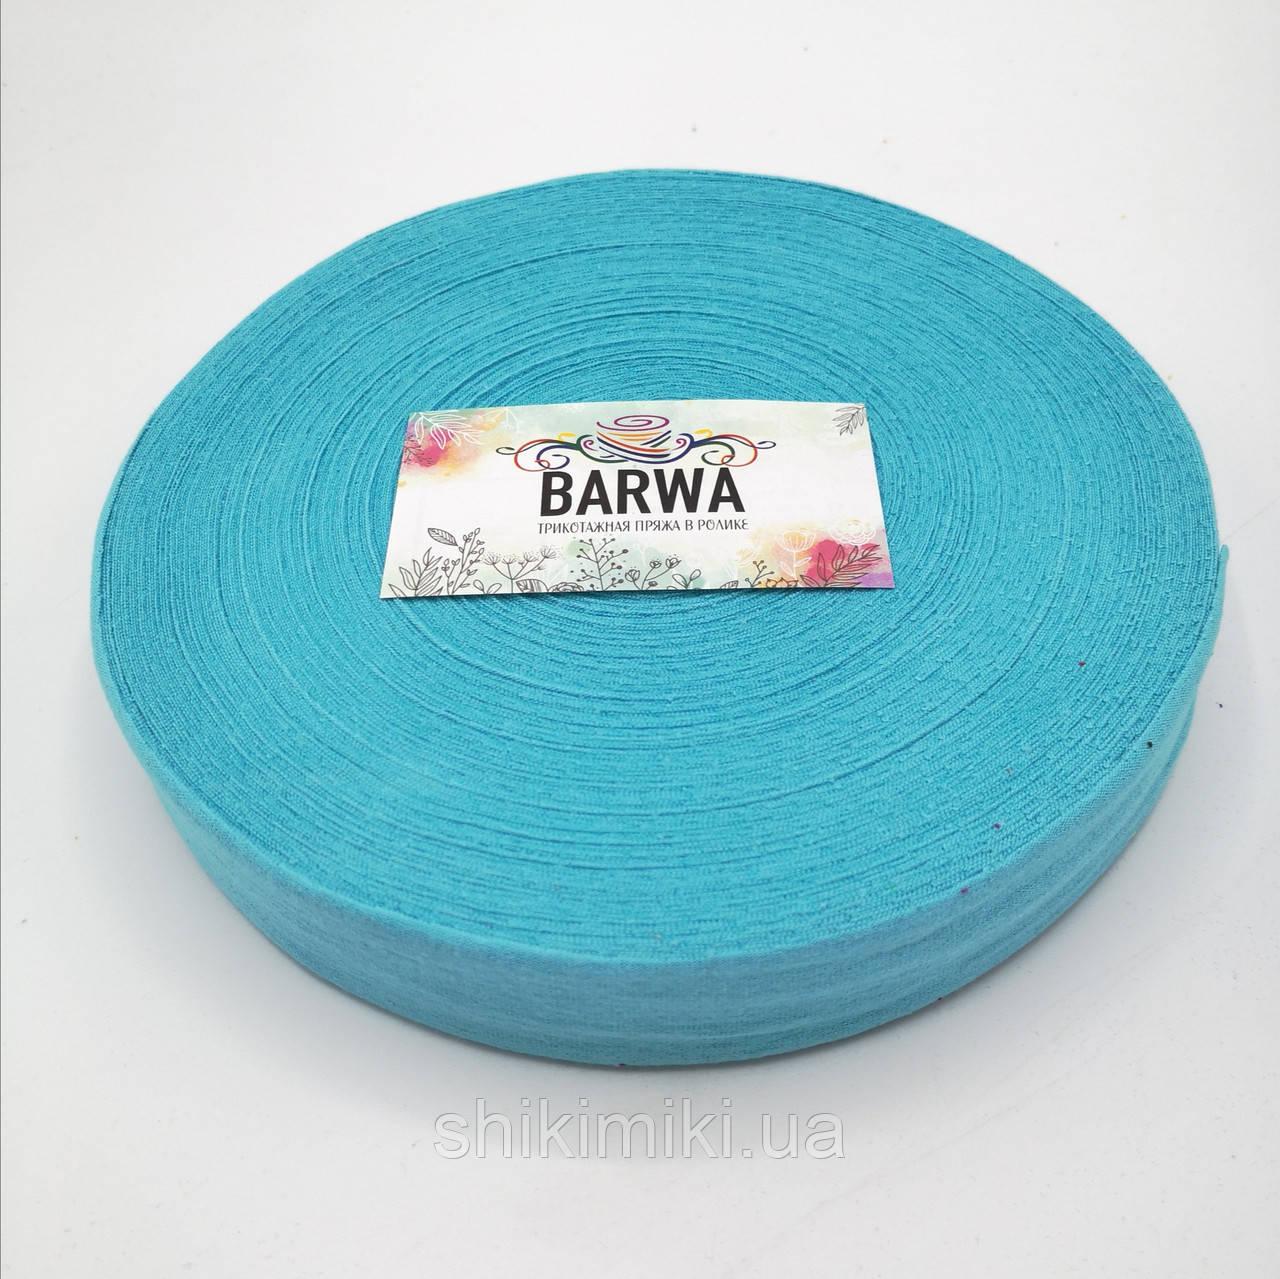 Трикотажная пряжа Barwa в роликах, цвет Циан